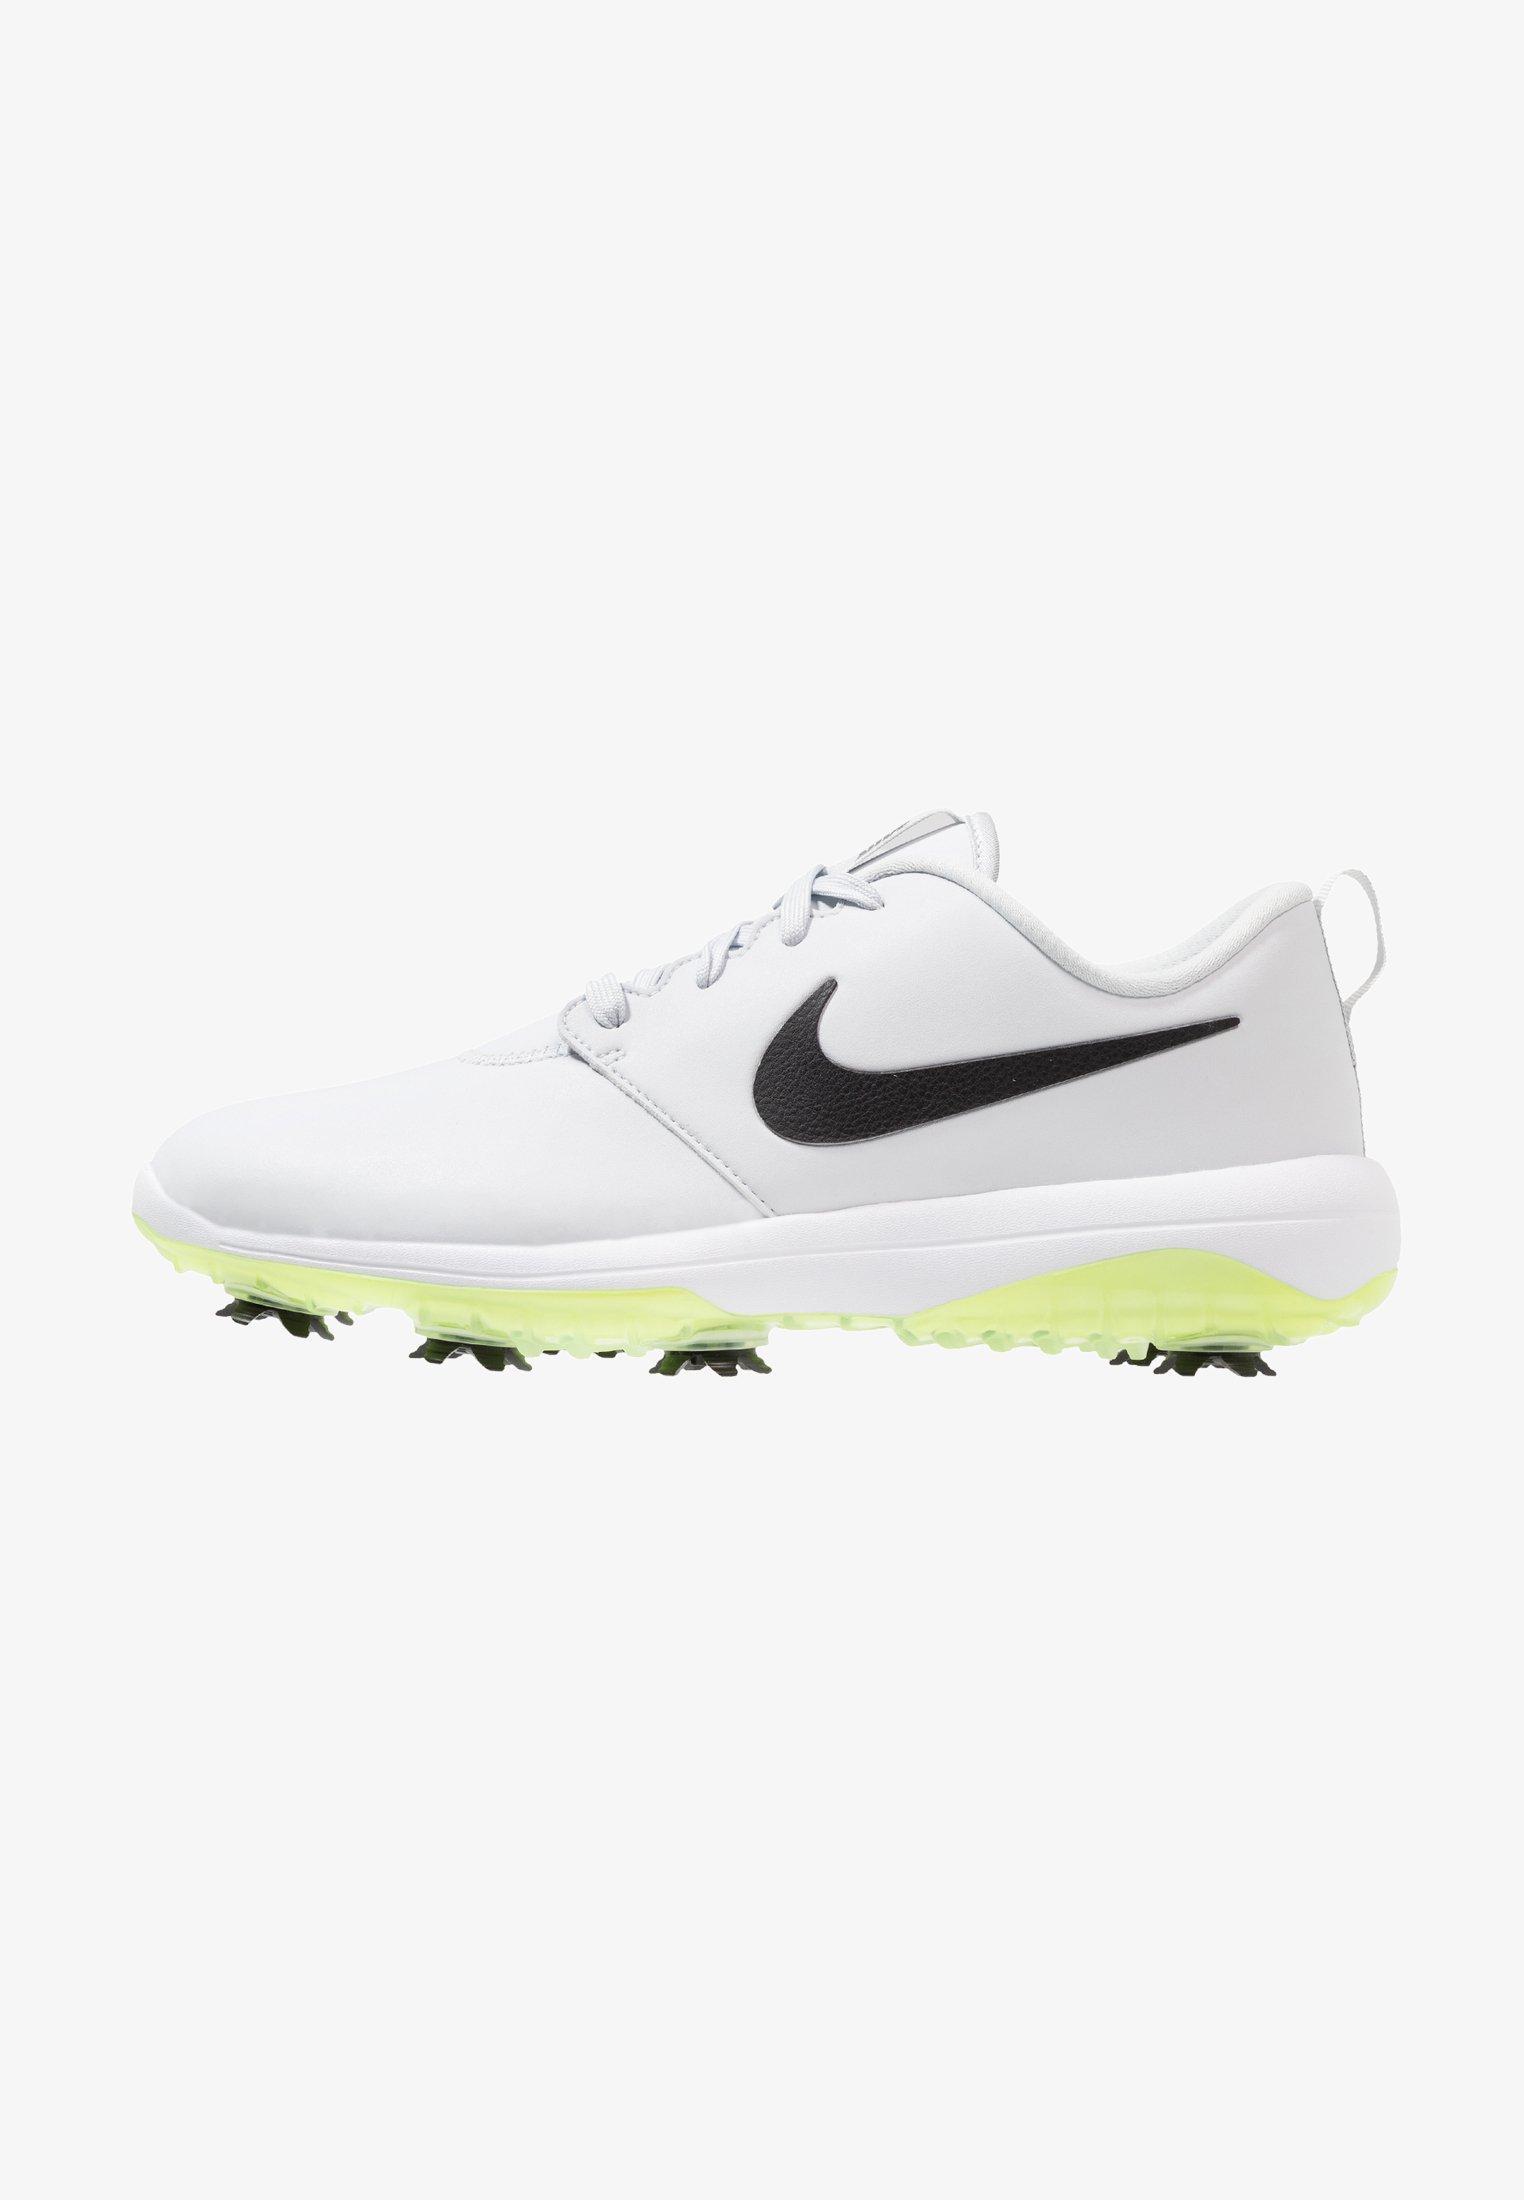 Nike Golf Roshe G Tour Golf Shoes Pure Platinum Black White Volt Glow Zalando Ie